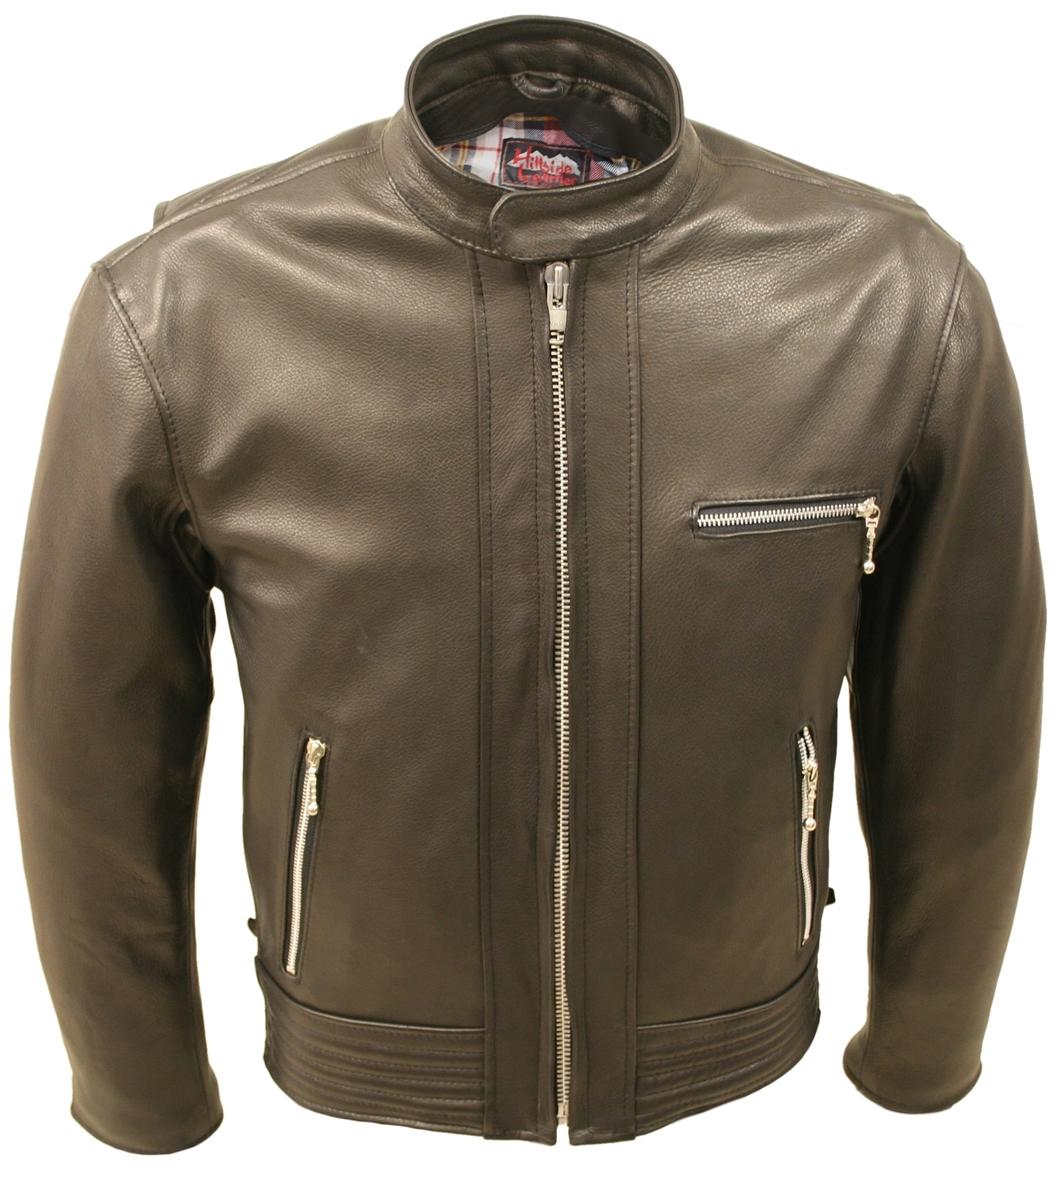 Black padded leather jacket